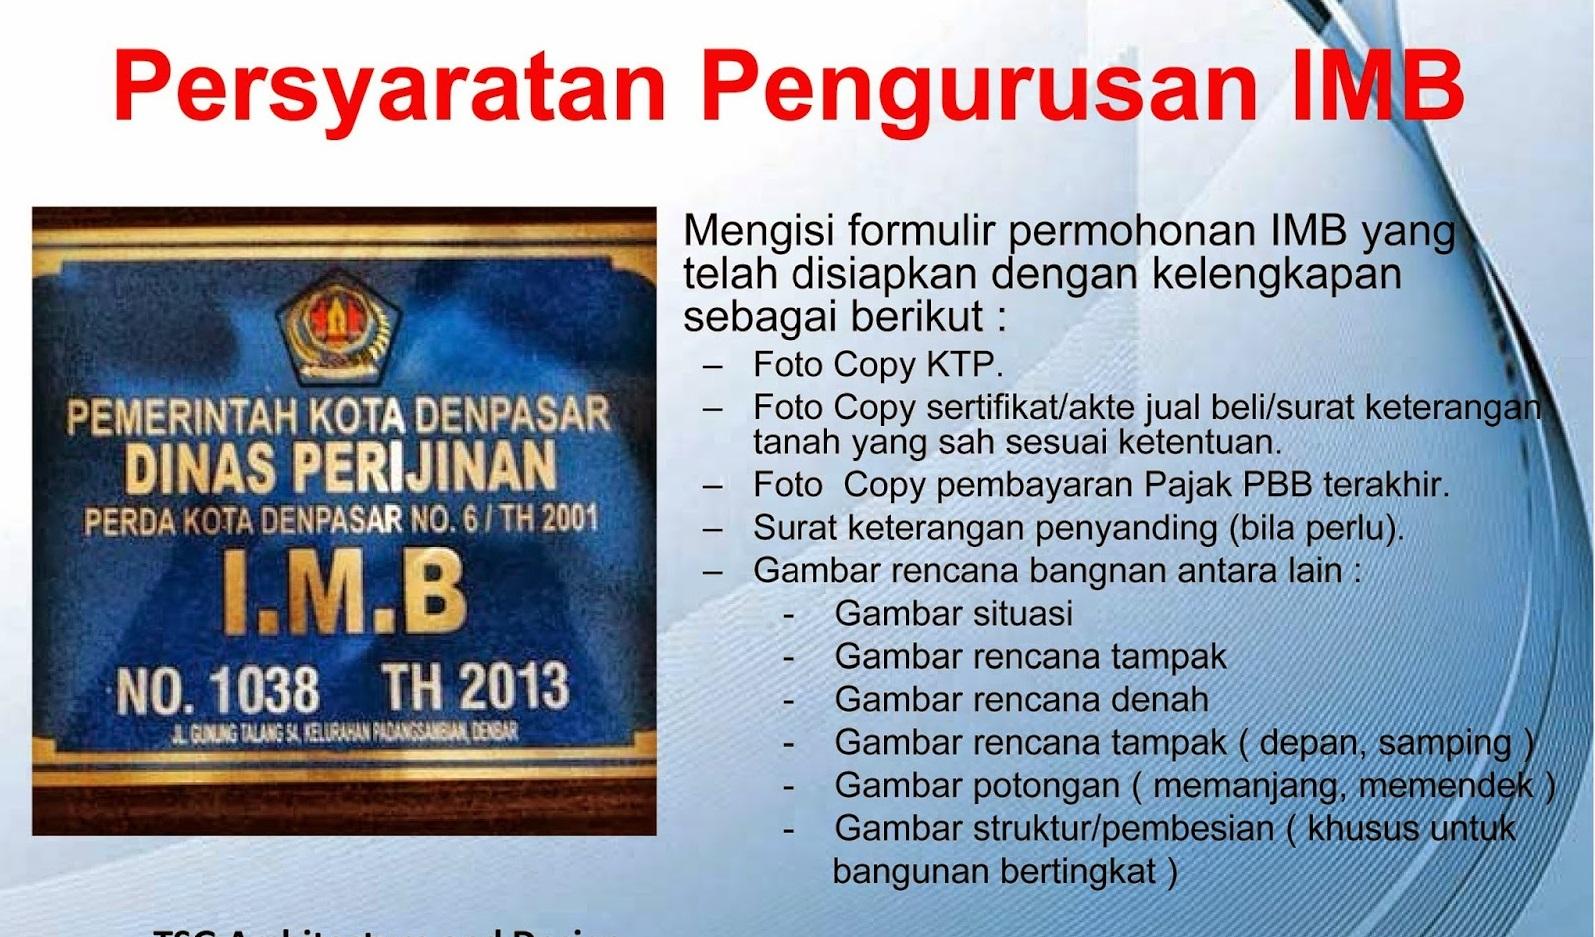 Syarat Dan Prosedur Pengurusan IMB